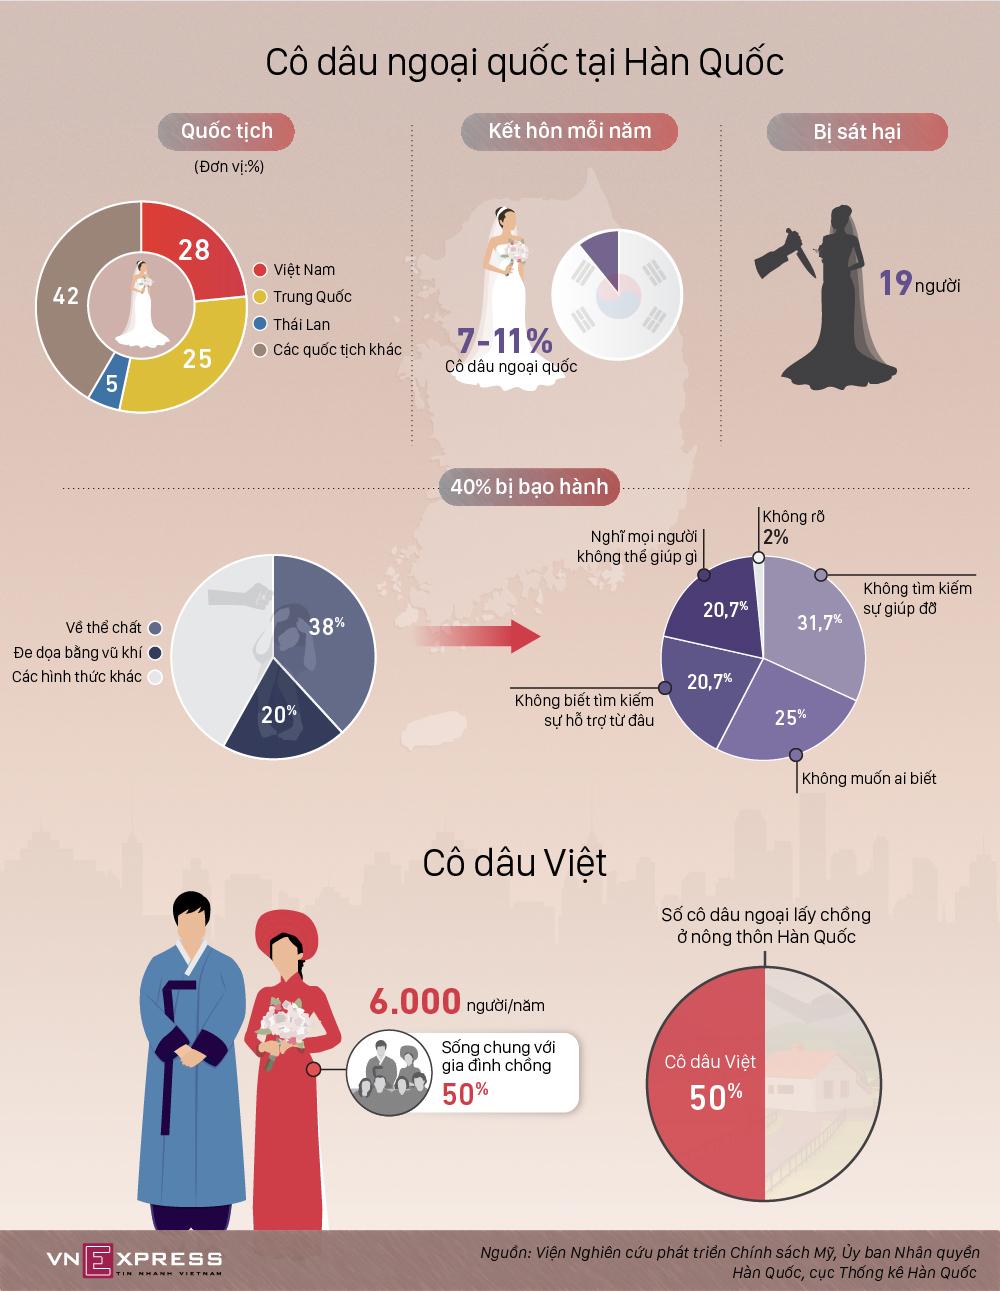 Thực trạng cô dâu ngoại ở Hàn Quốc